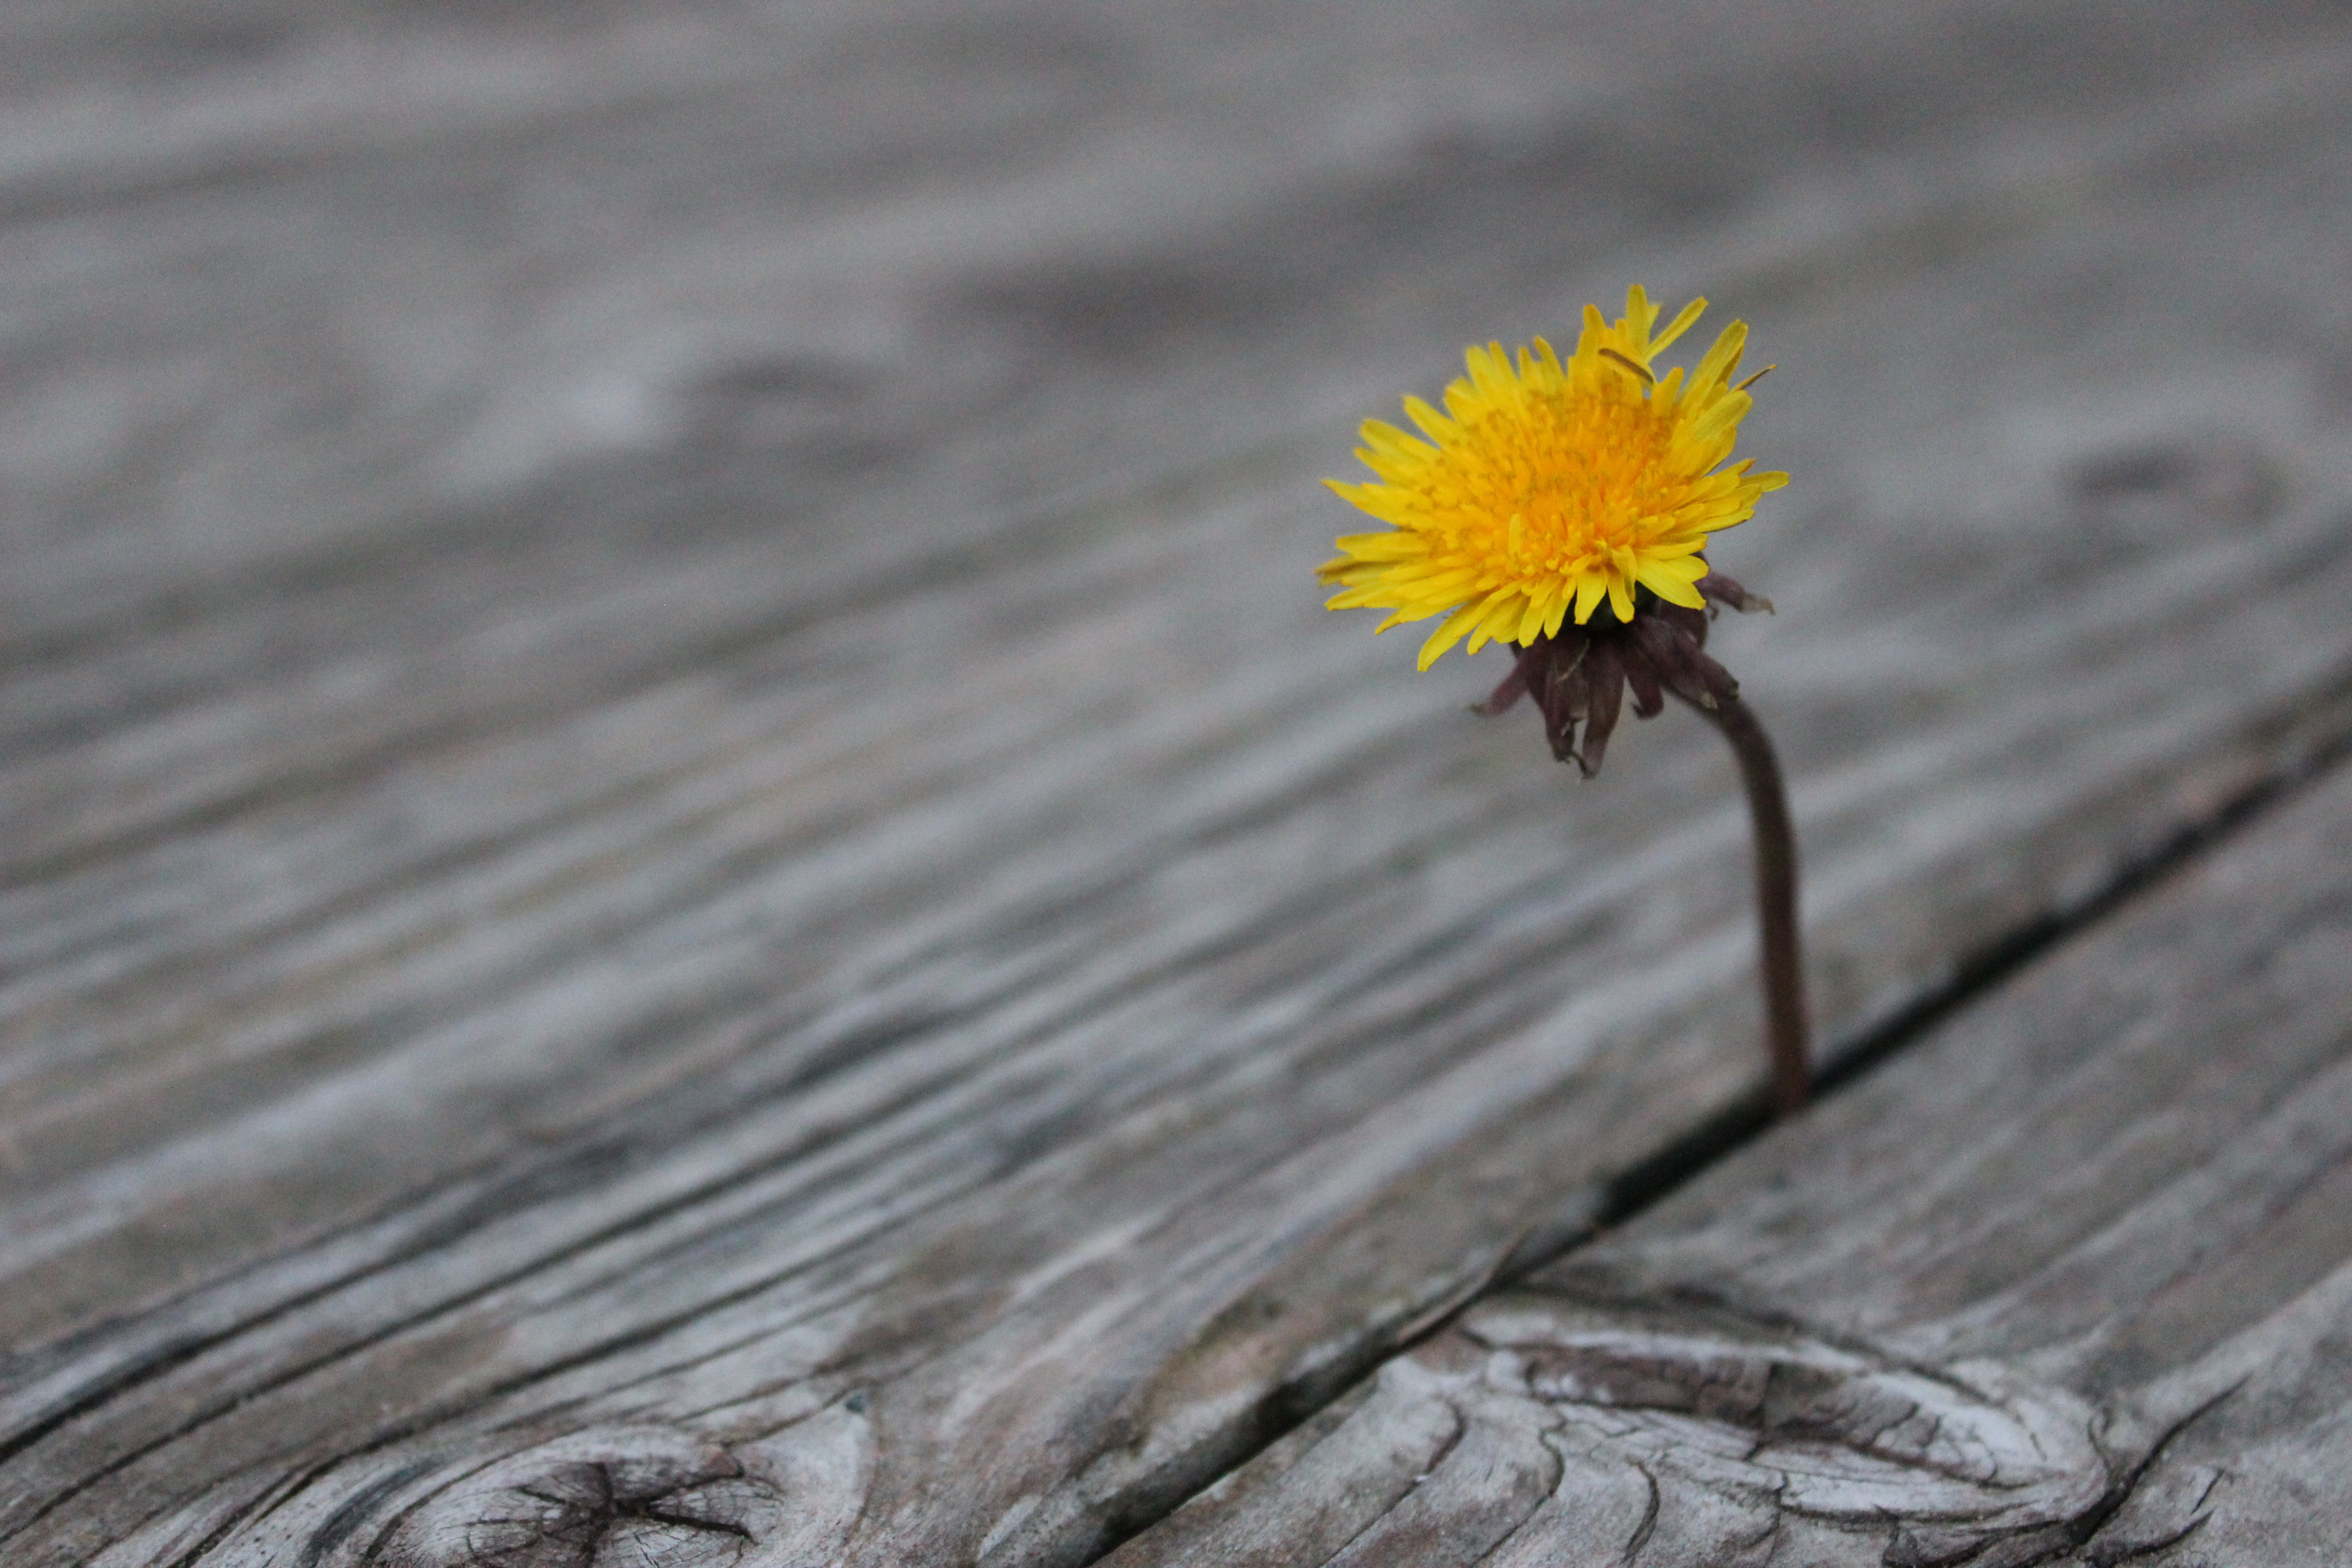 Δωρεάν στοκ φωτογραφιών με κίτρινη, λουλούδι, ξύλο, φωτεινά χρώματα